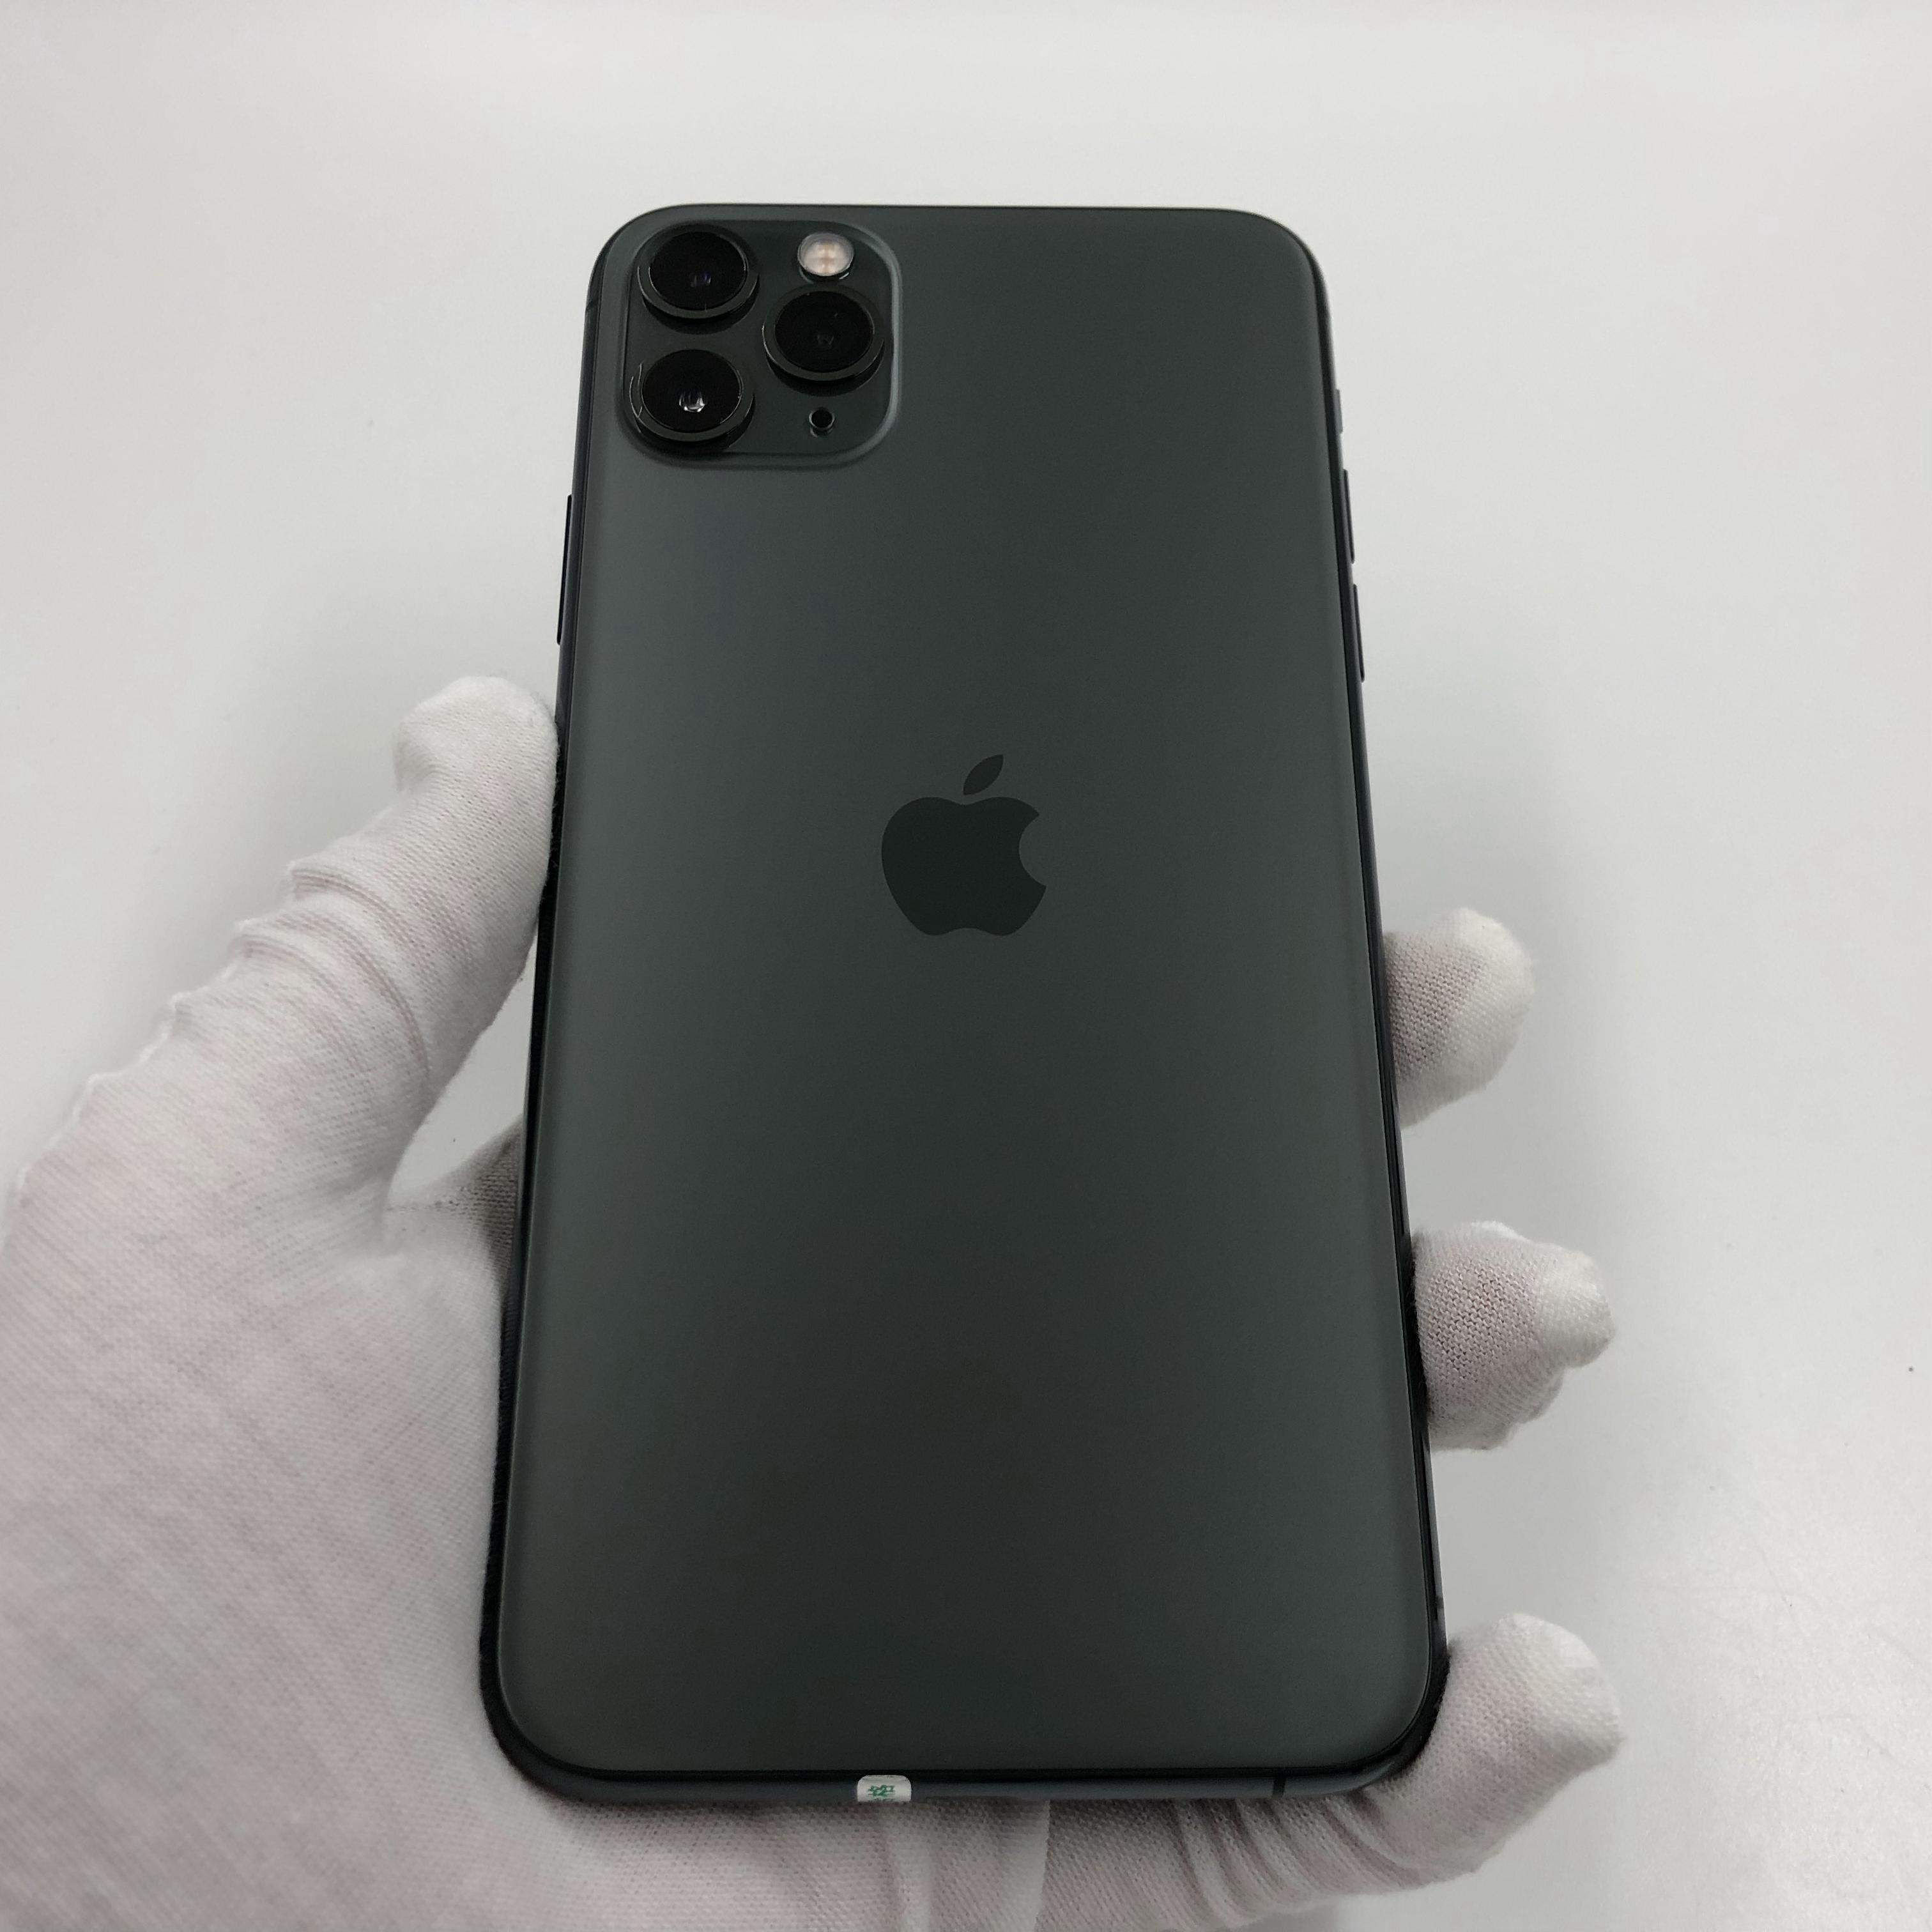 苹果【iPhone 11 Pro Max】4G全网通 暗夜绿色 256G 国行 95新 真机实拍官保2021-09-09